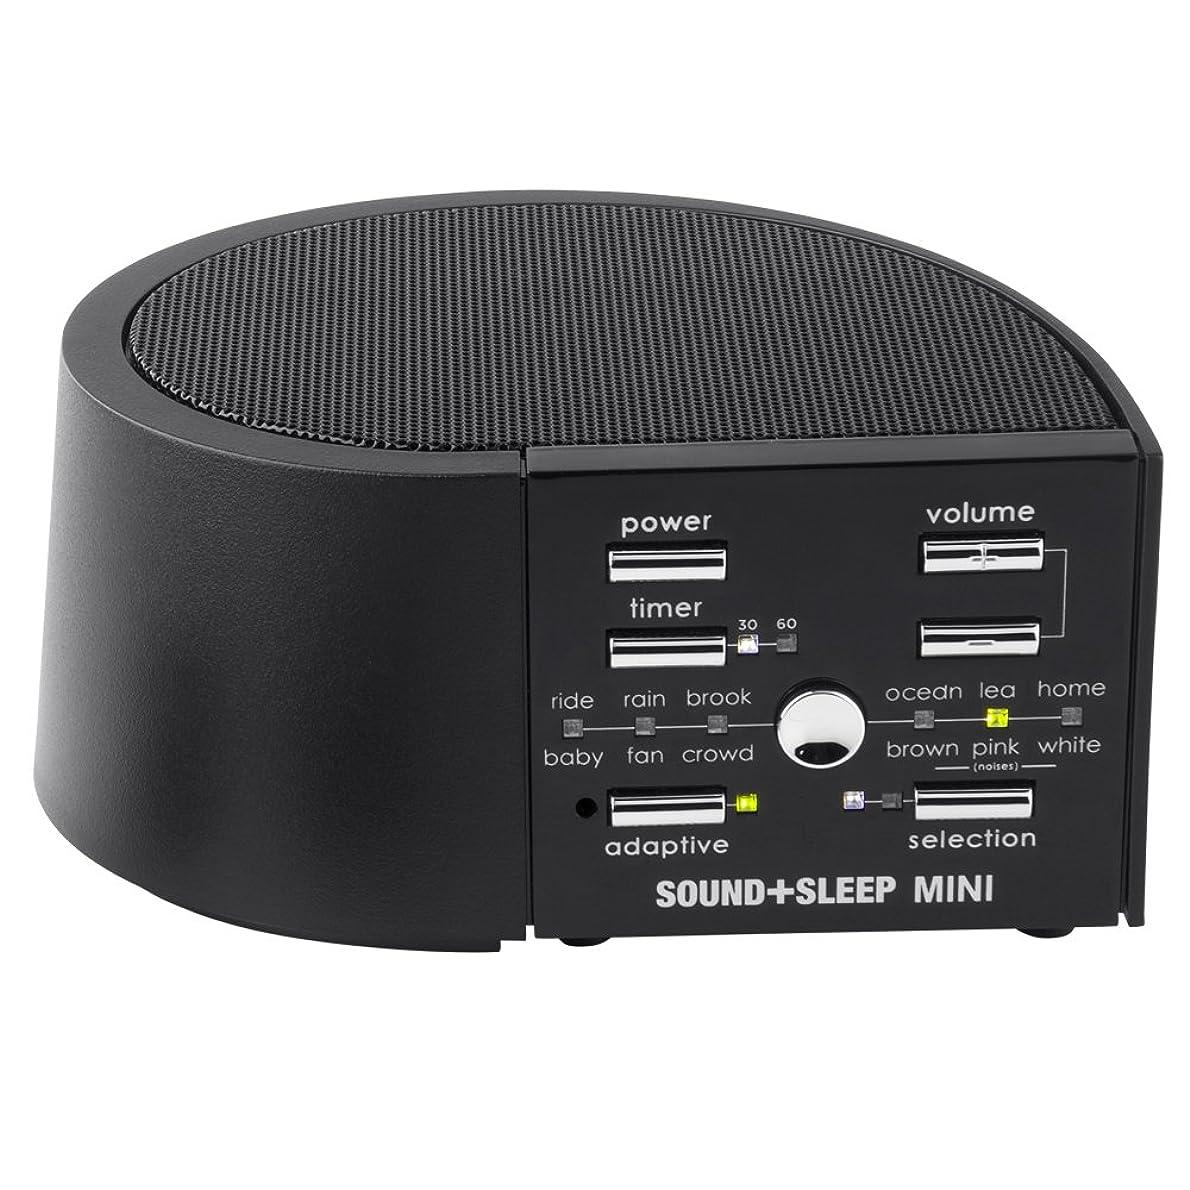 むしろサンプル科学スリープオーディオ ドーミン 49種類の自然音 超高周波 再生スピーカー内蔵 スリープタイマー付(ブラック)